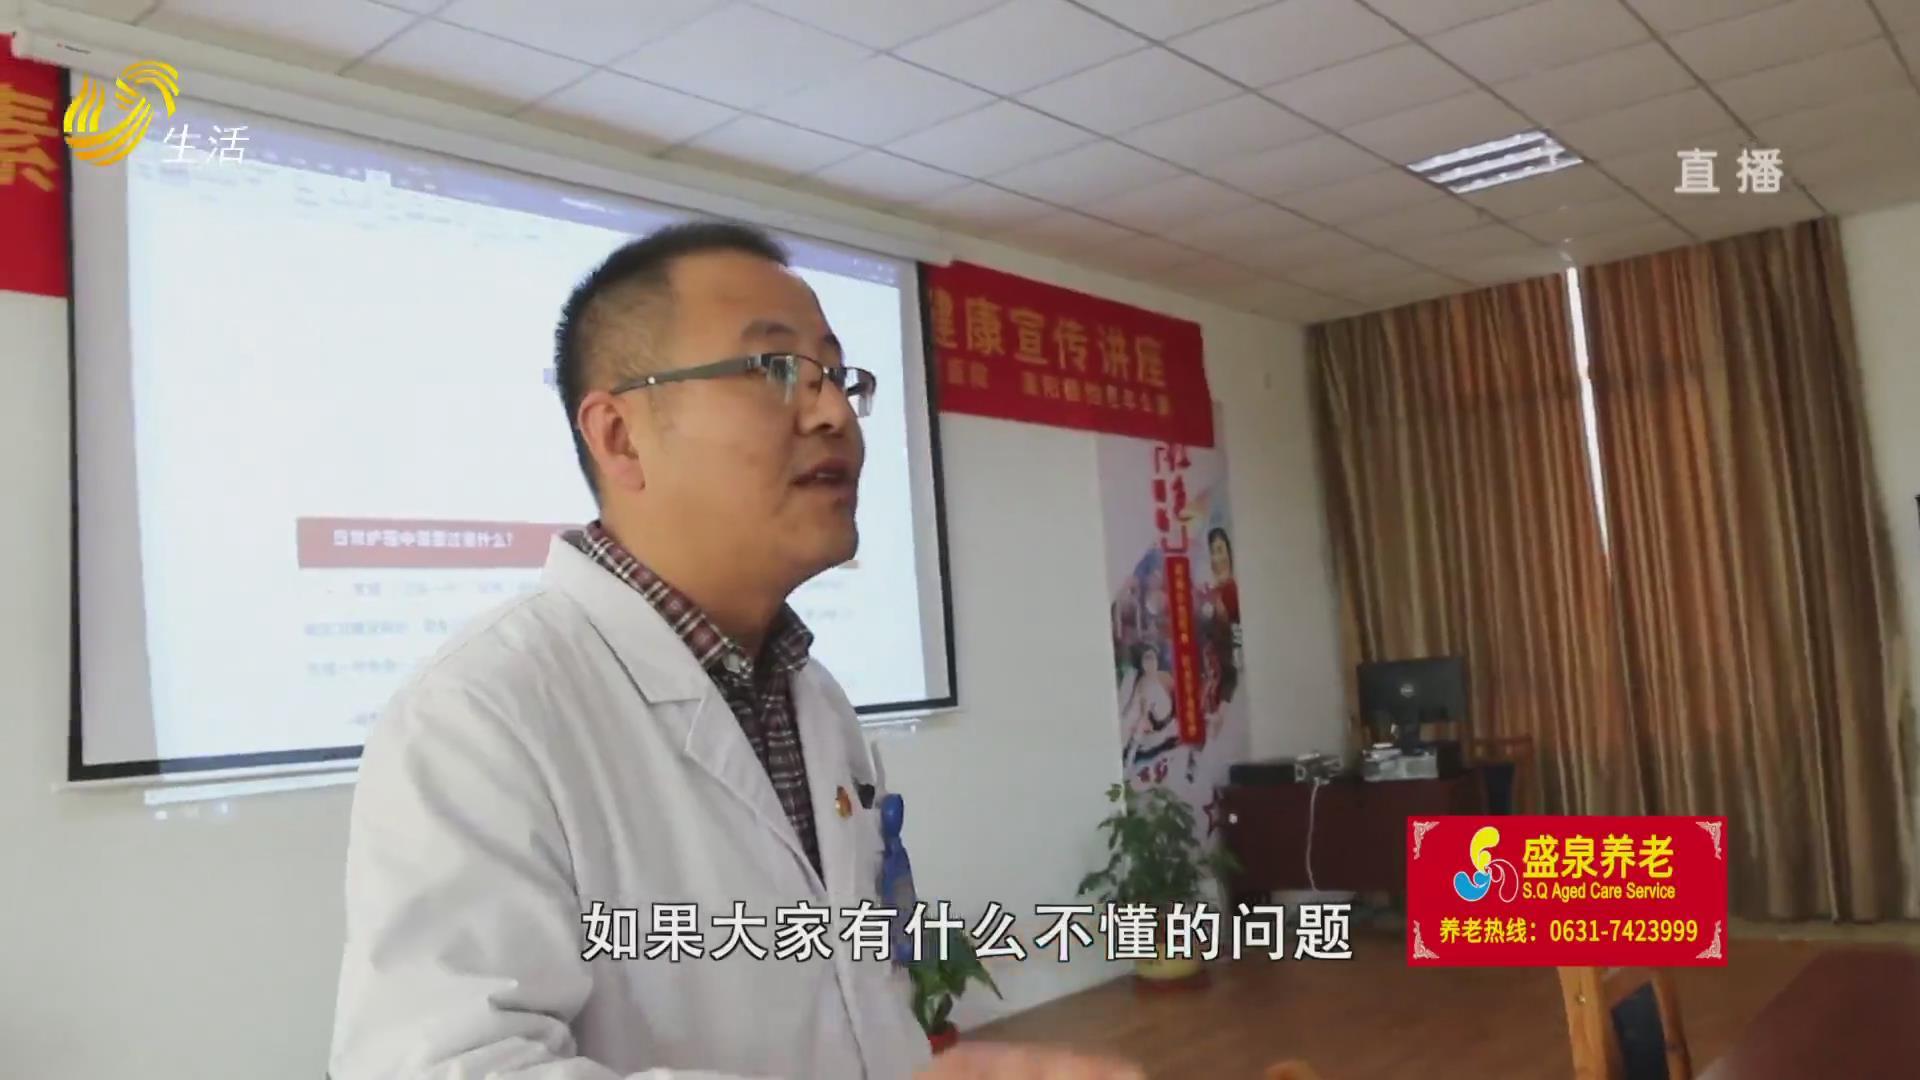 中国式养老-莱阳市德怡老年公寓:创立医养结合新举措 引导医养深度融合